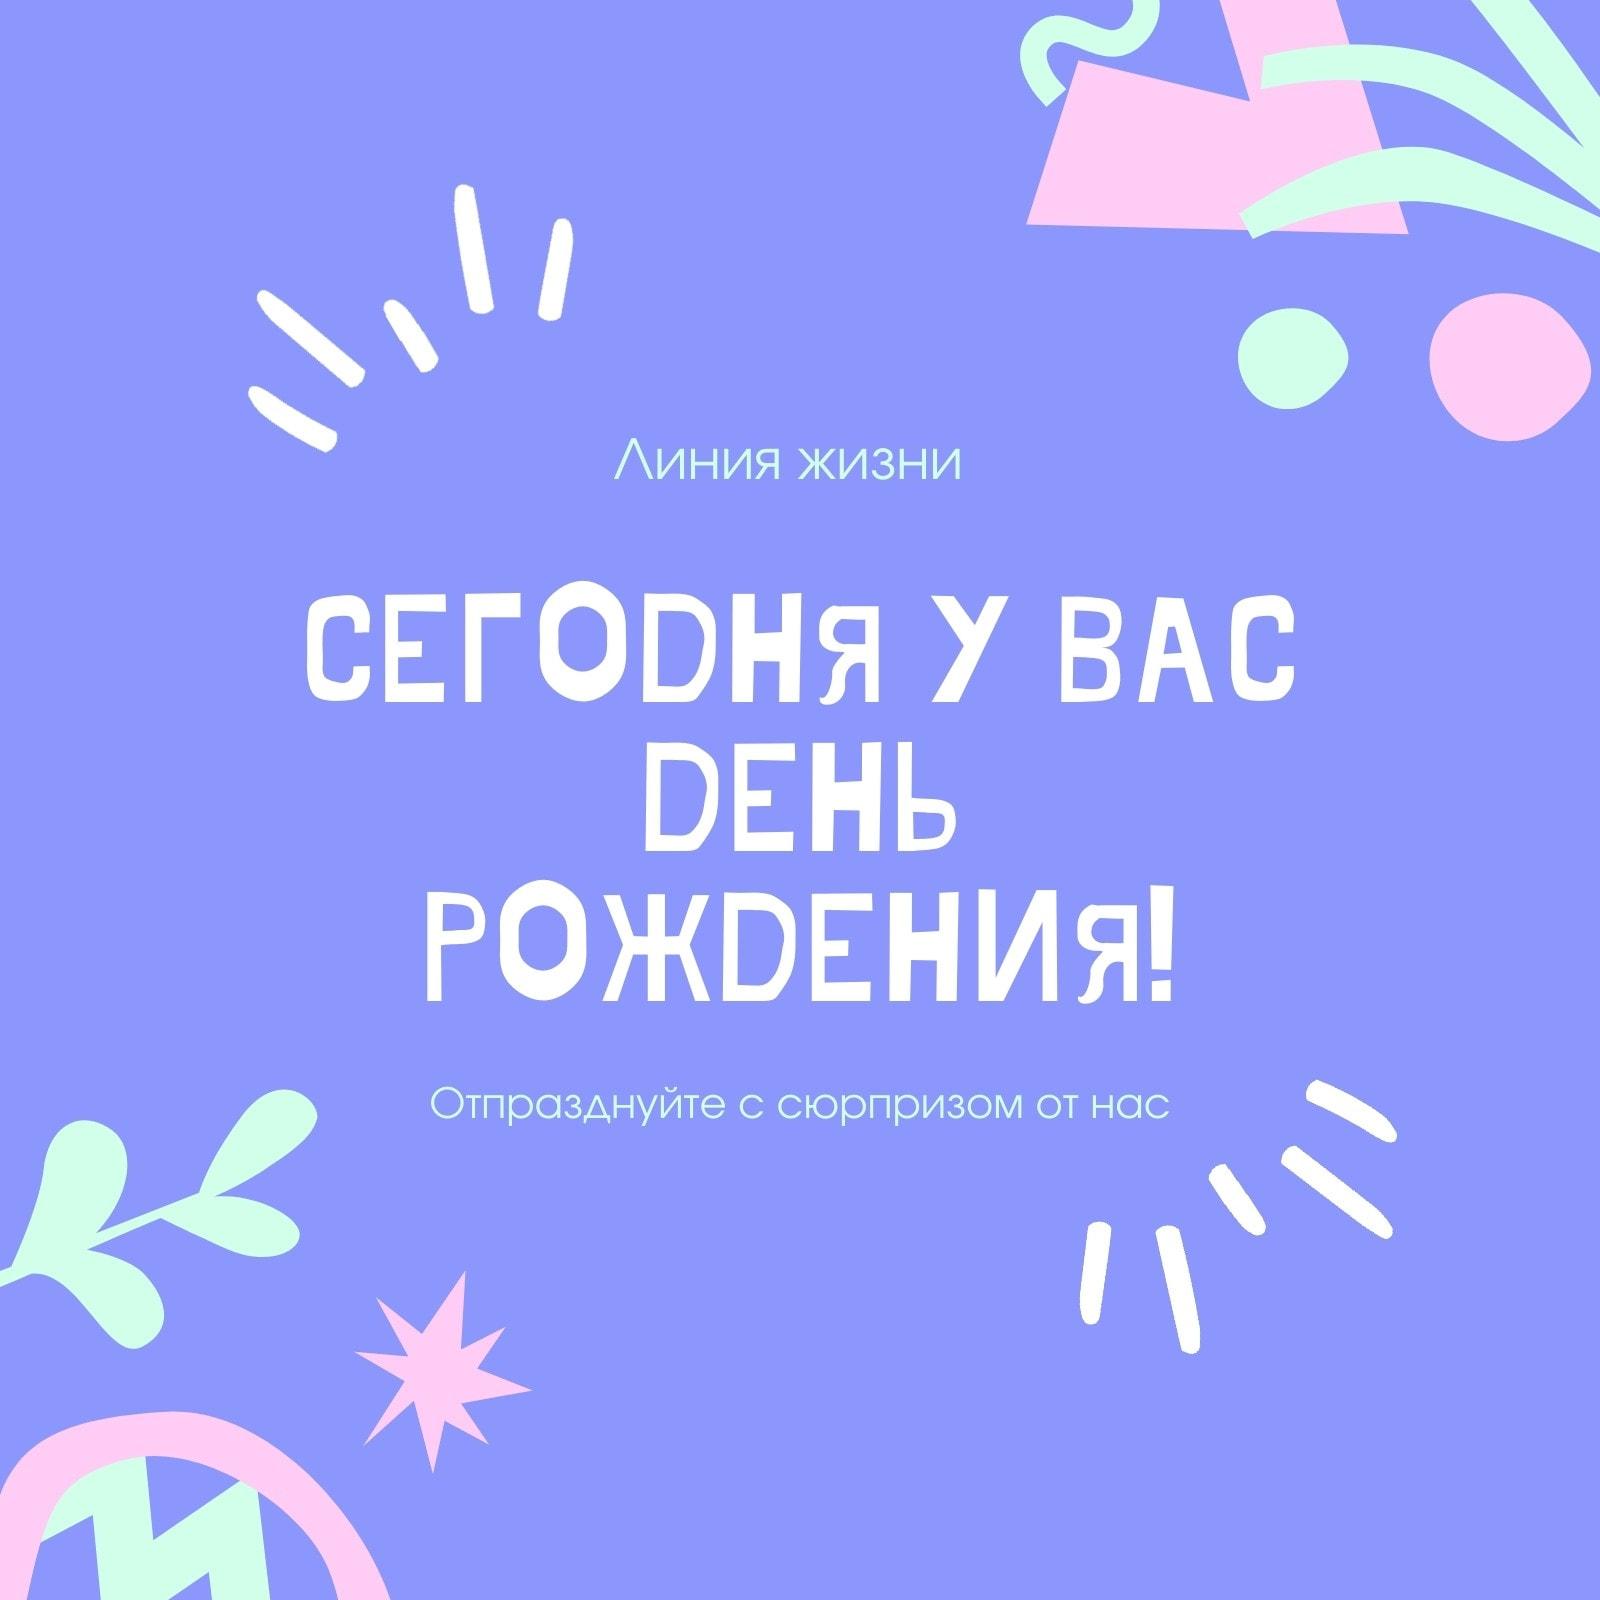 Фиолетовая Иллюстративная и Разноцветная День Рождения Социальные Сети Публикация